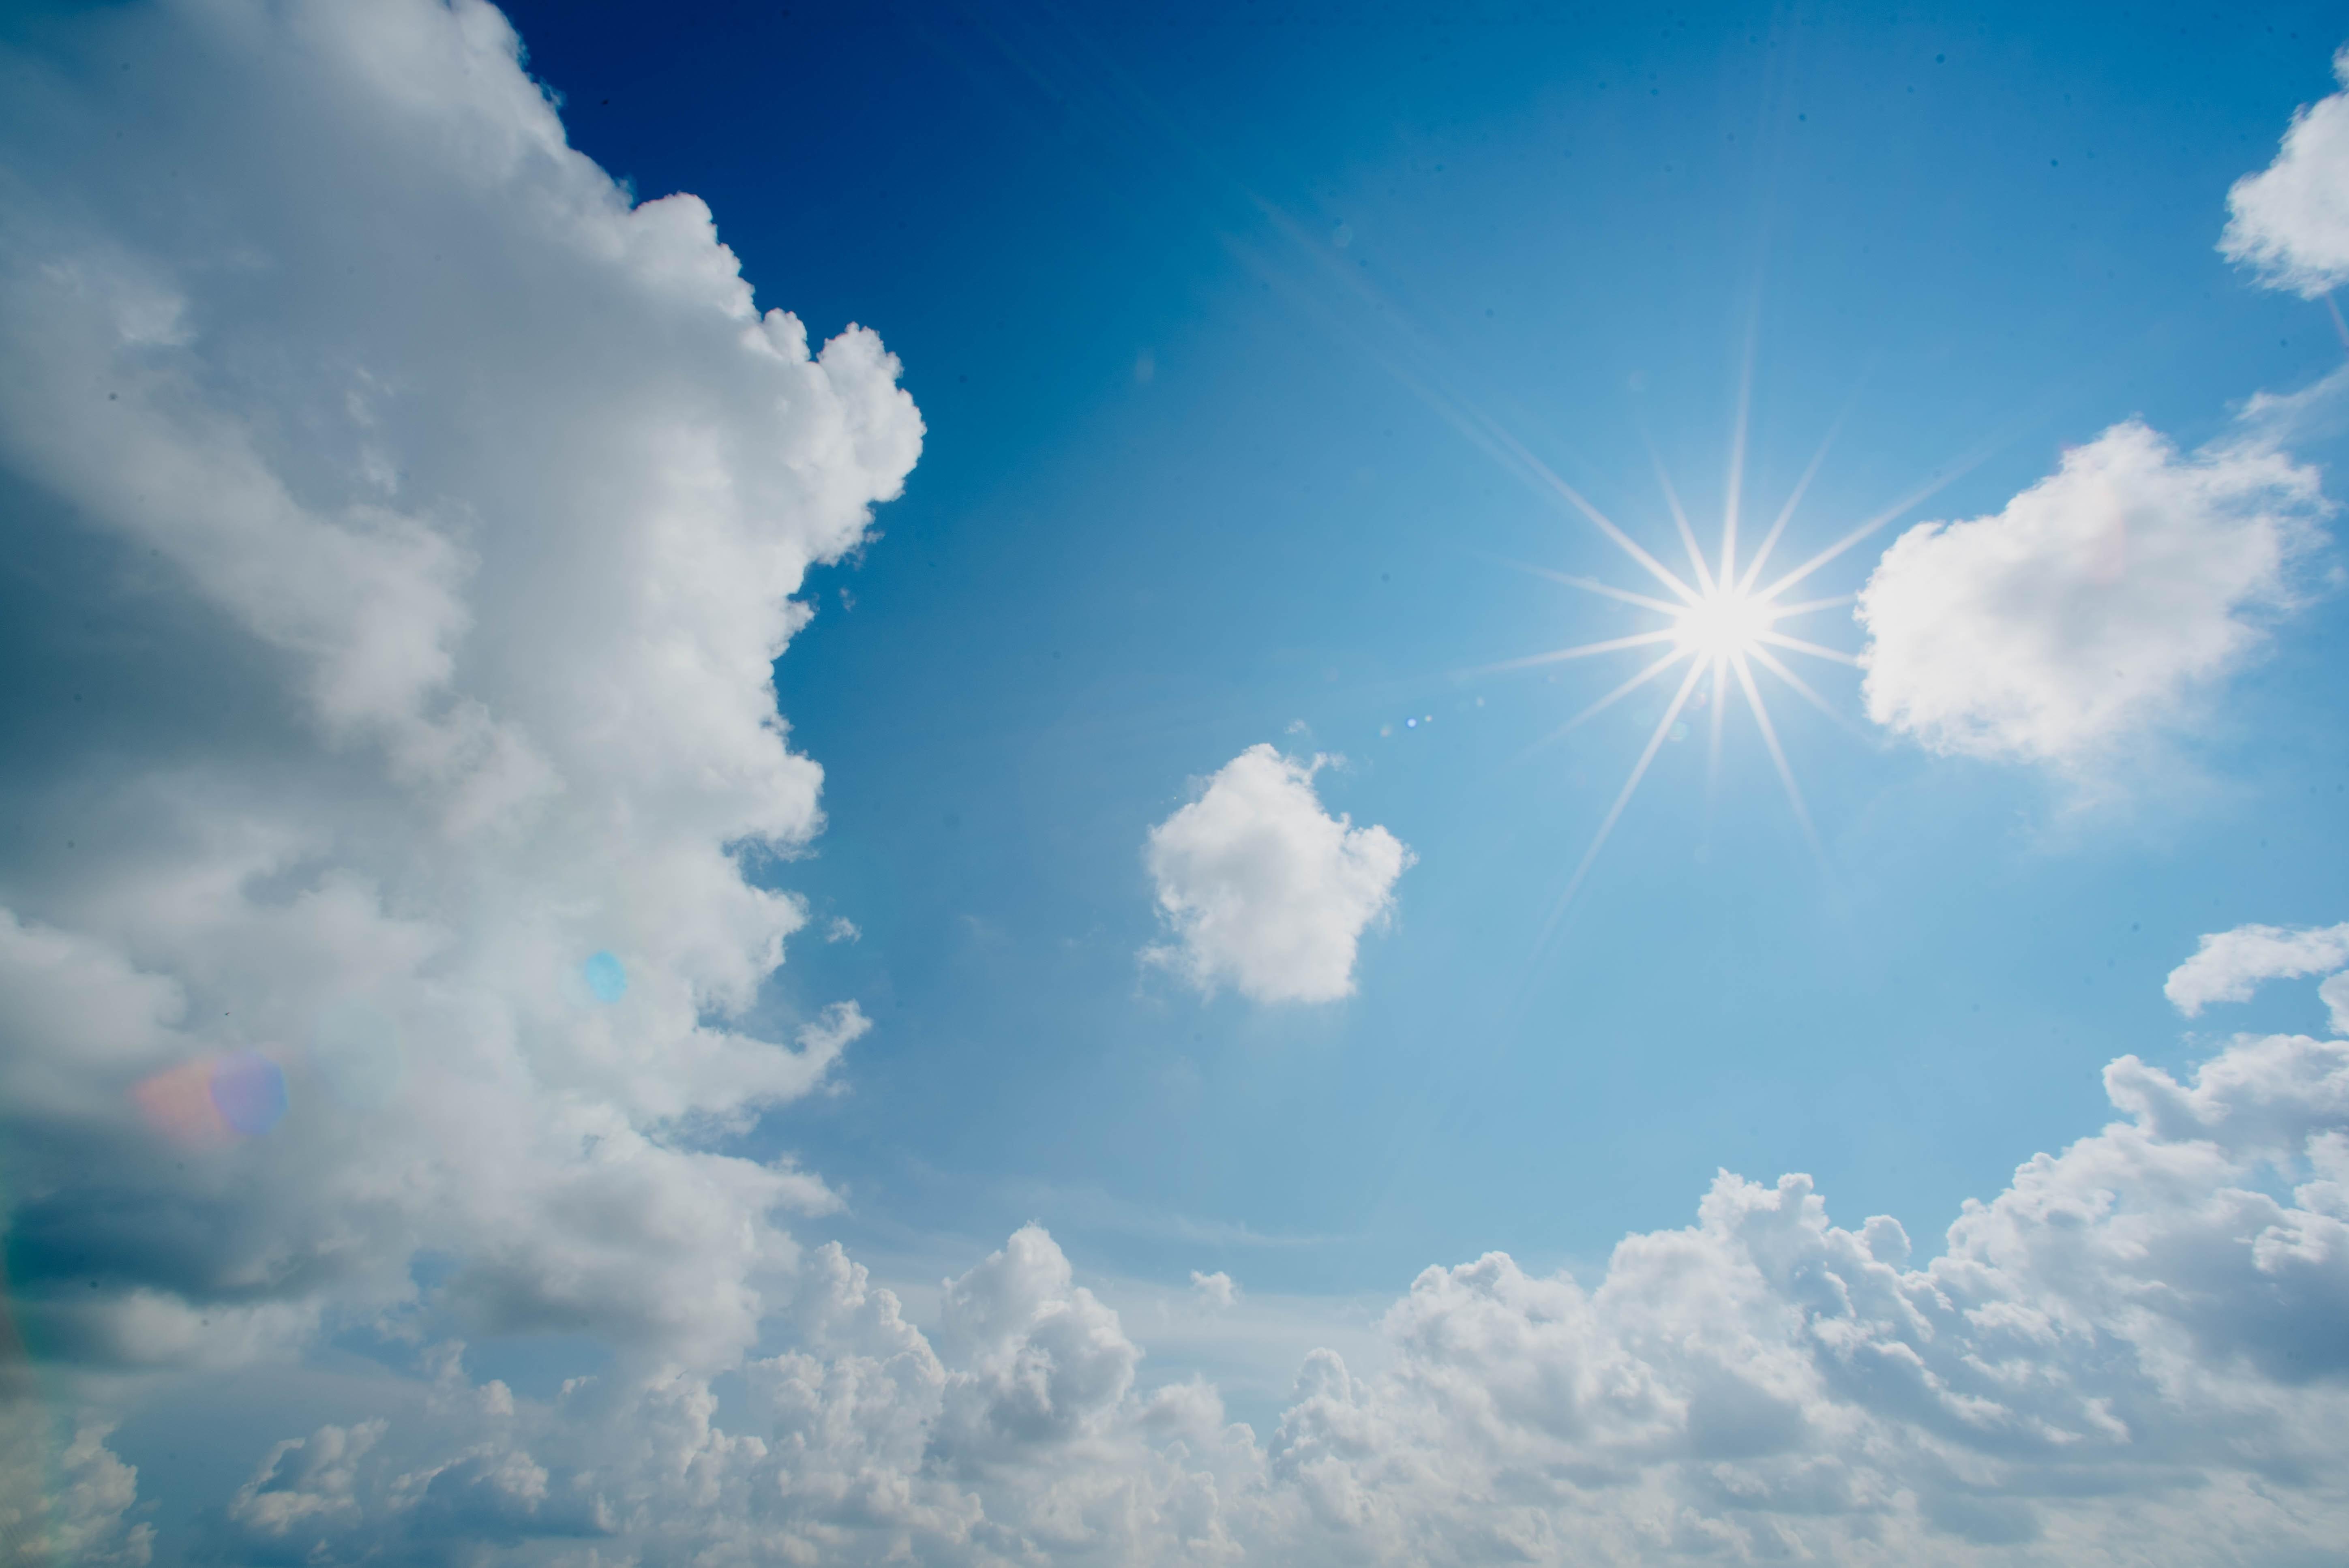 Il meteo del 20 e 21 febbraio: sereno su tutto il Paese, minime in aumento